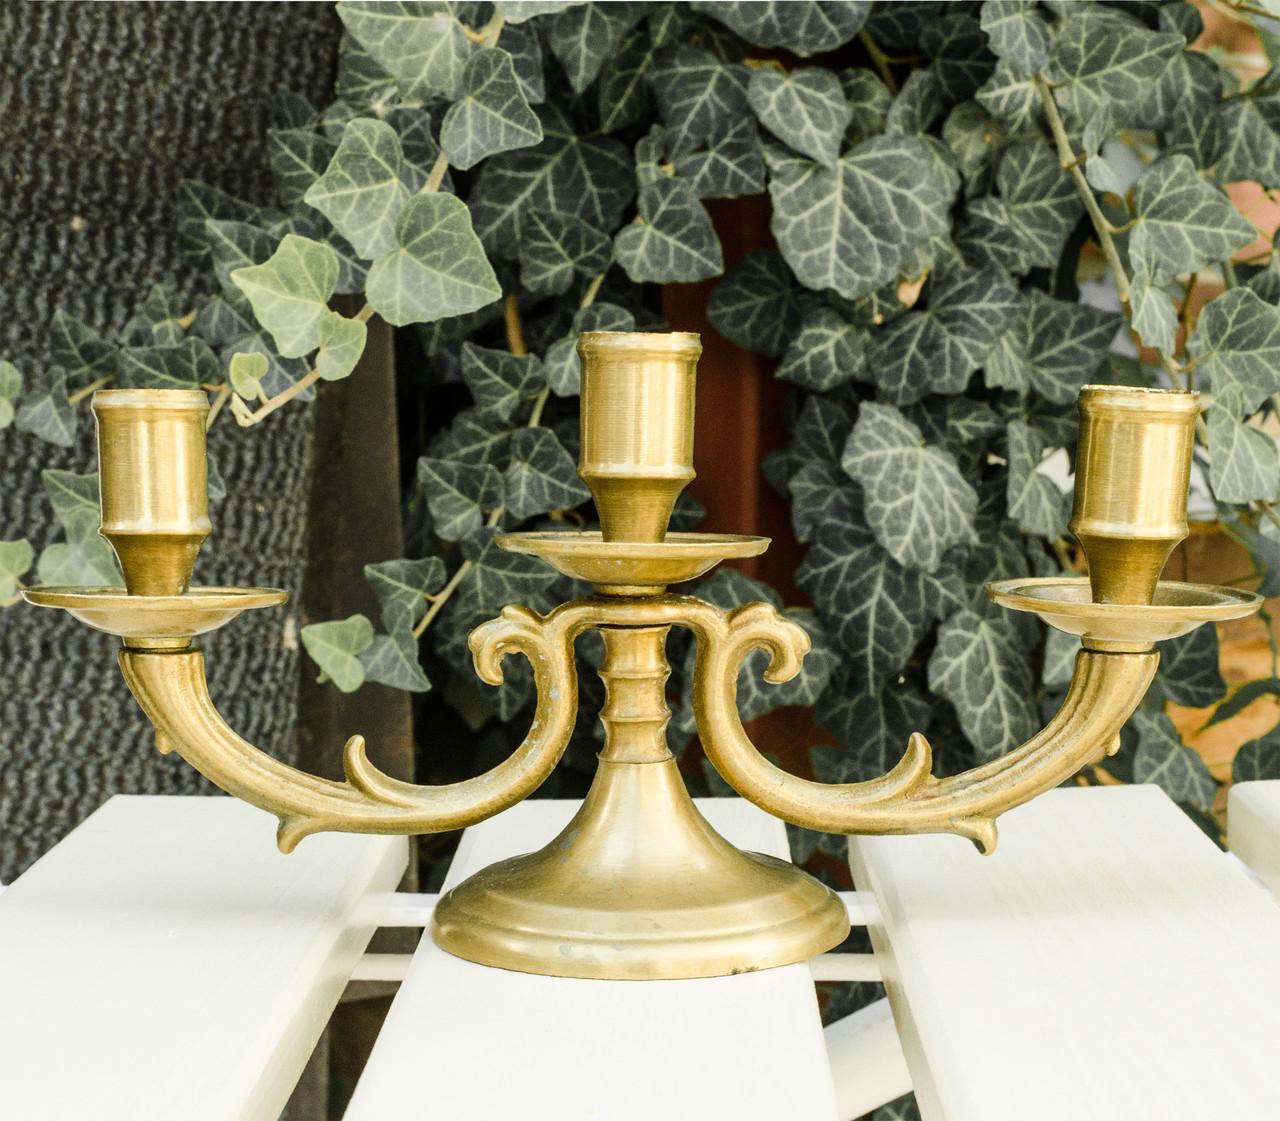 Старый подсвечник на три свечи, канделябр, бронза, Германия